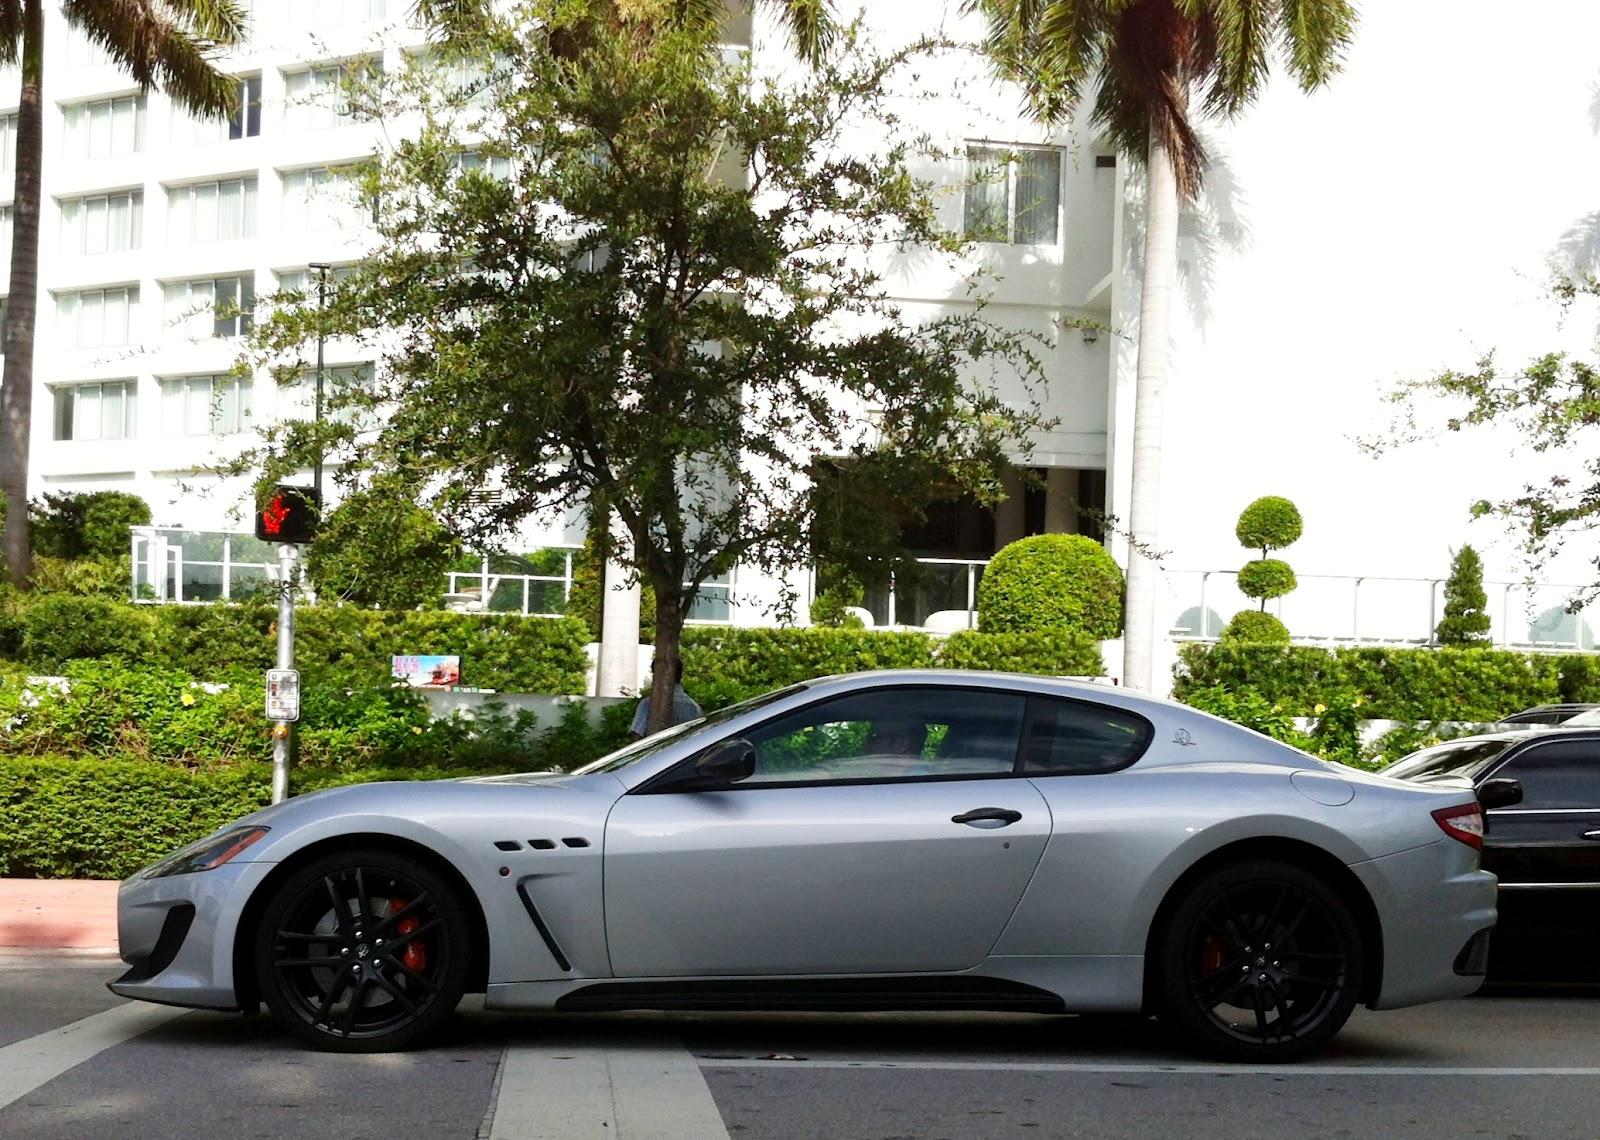 Awesome Silver / Gray Maserati GranTurismo Sport With Black Rims